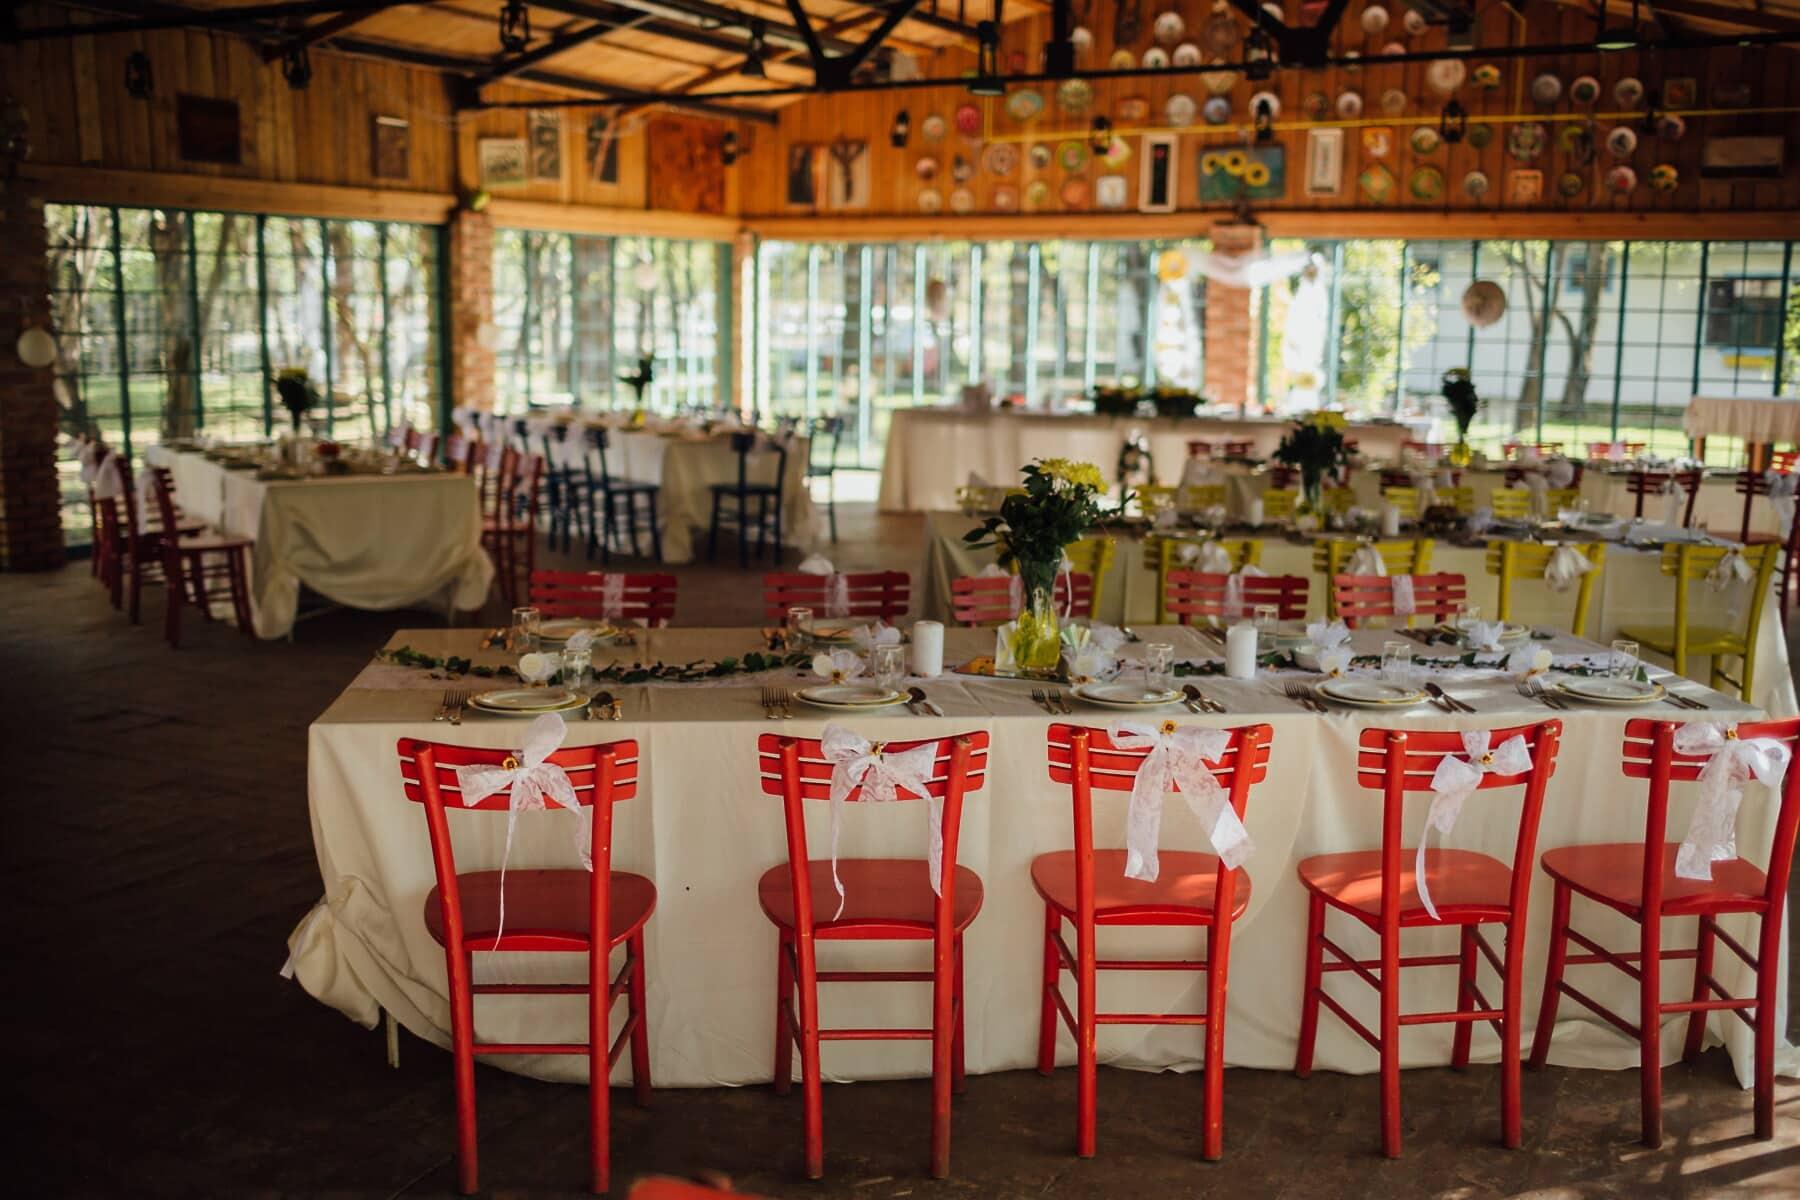 vintage, meubles, salle de mariage, restaurant, vide, à manger, chaise, siège, bâtiment, cafétéria